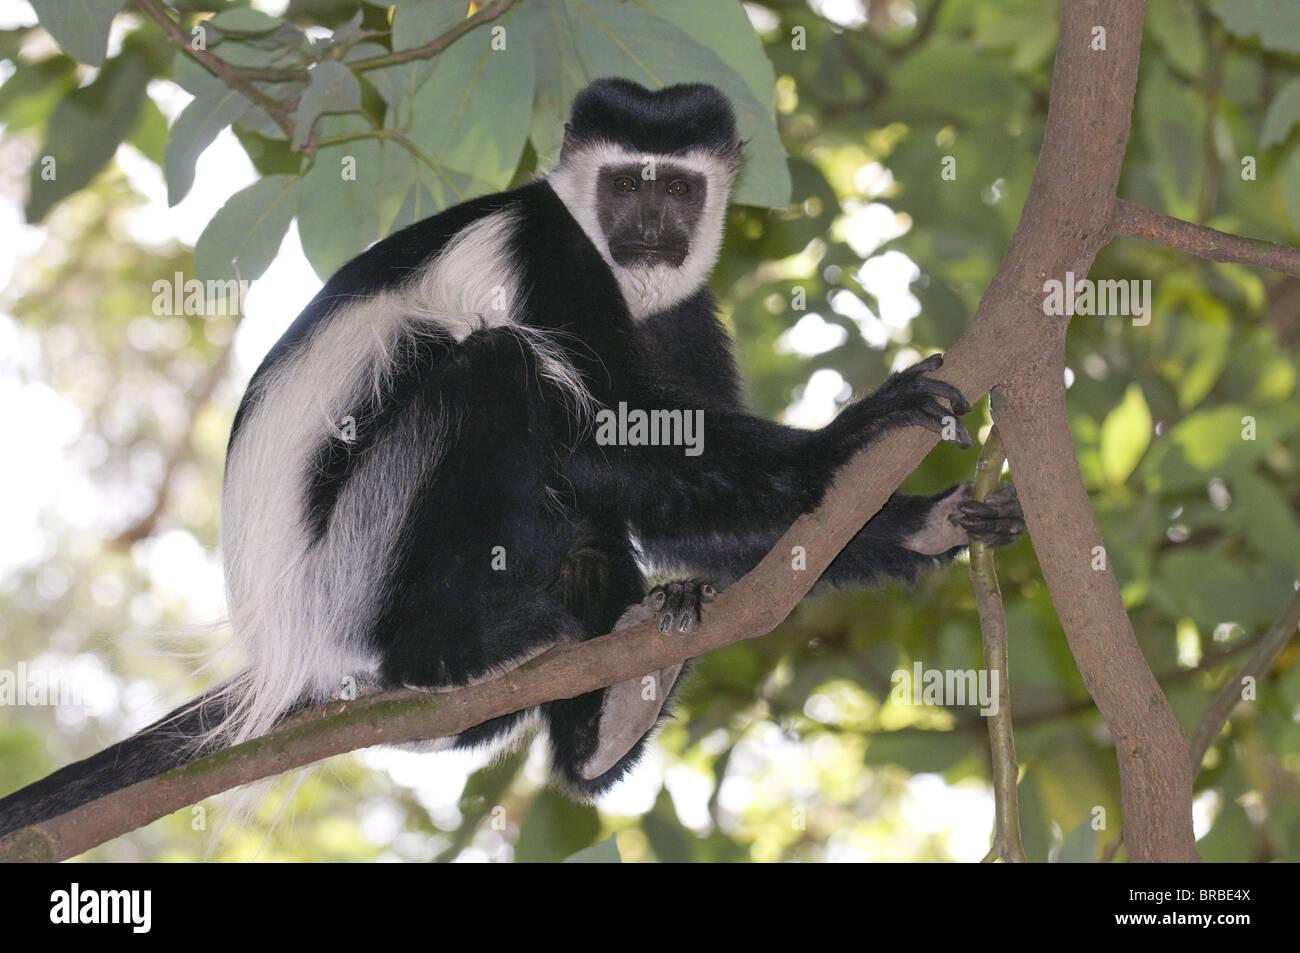 Mono colobo blanco y negro (Colobus satanas), Etiopía Imagen De Stock